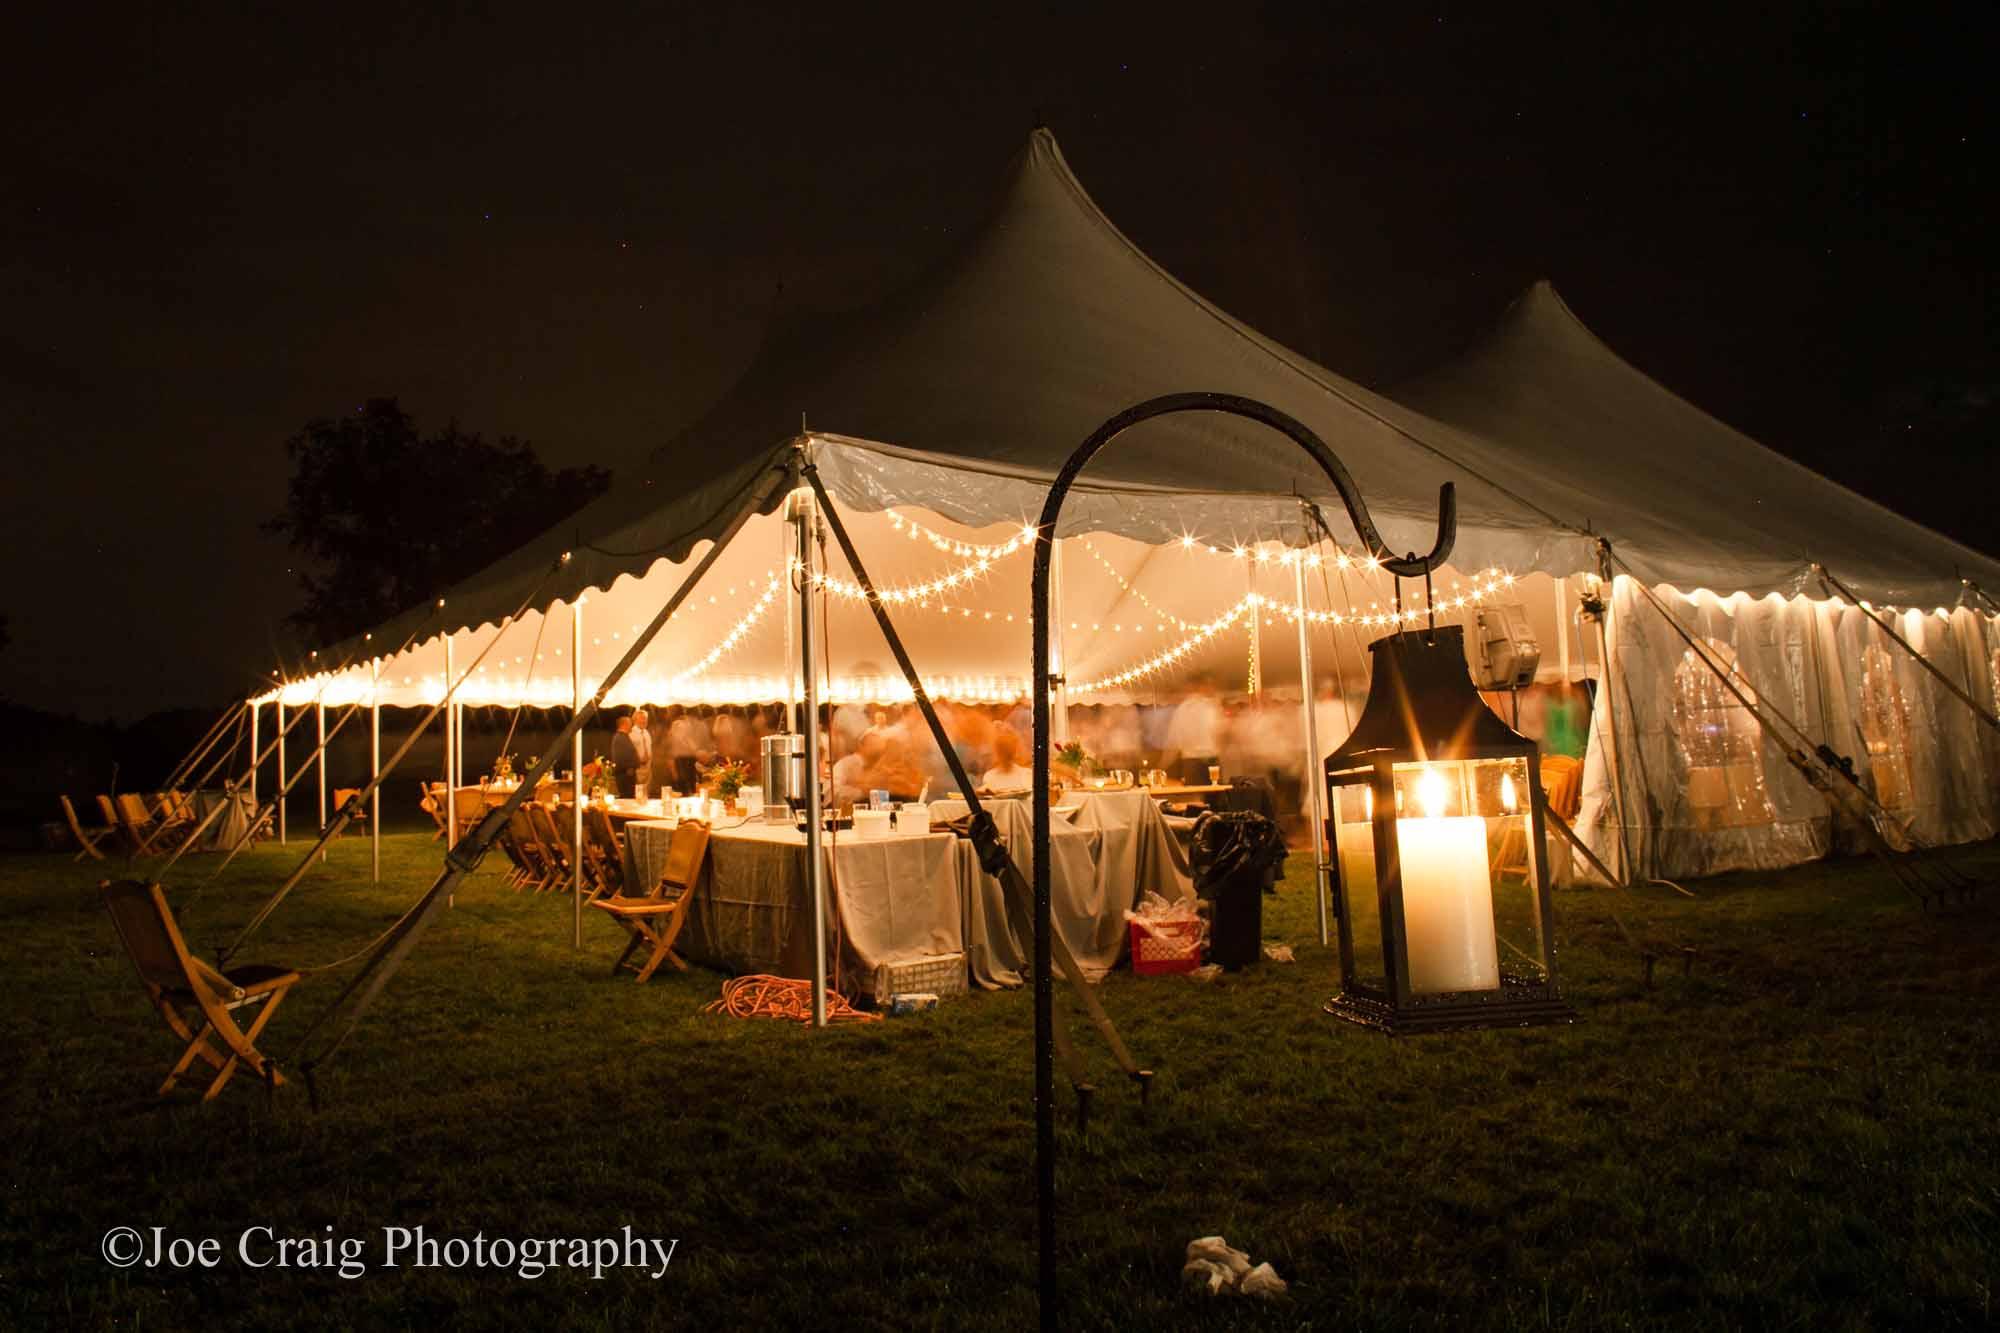 Tent and lighting rentals in Wilmington, DE